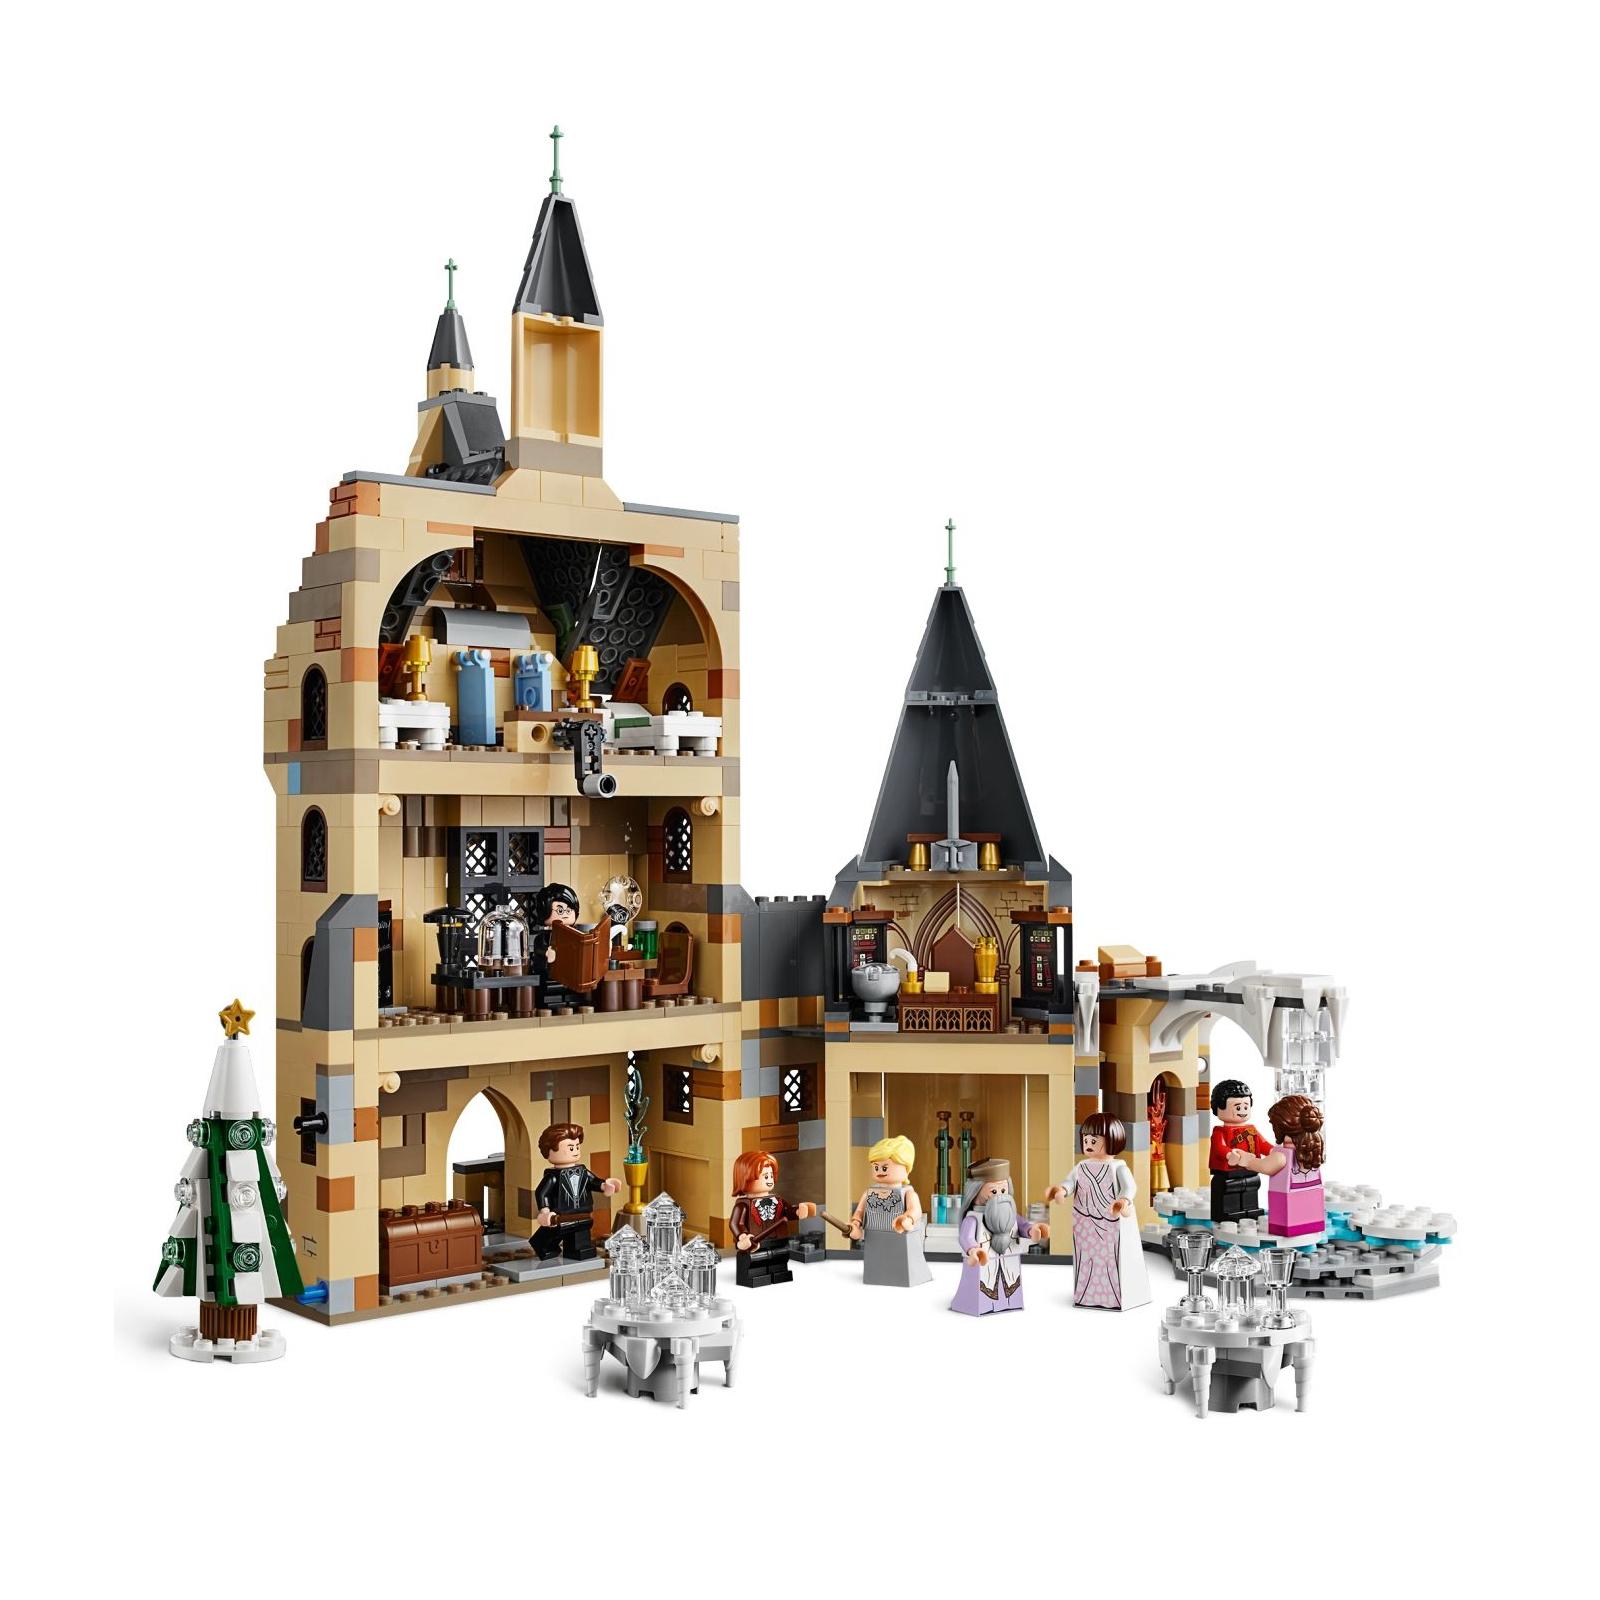 Конструктор LEGO Harry Potter Часовая башня Хогвартса 922 детали (75948) изображение 4